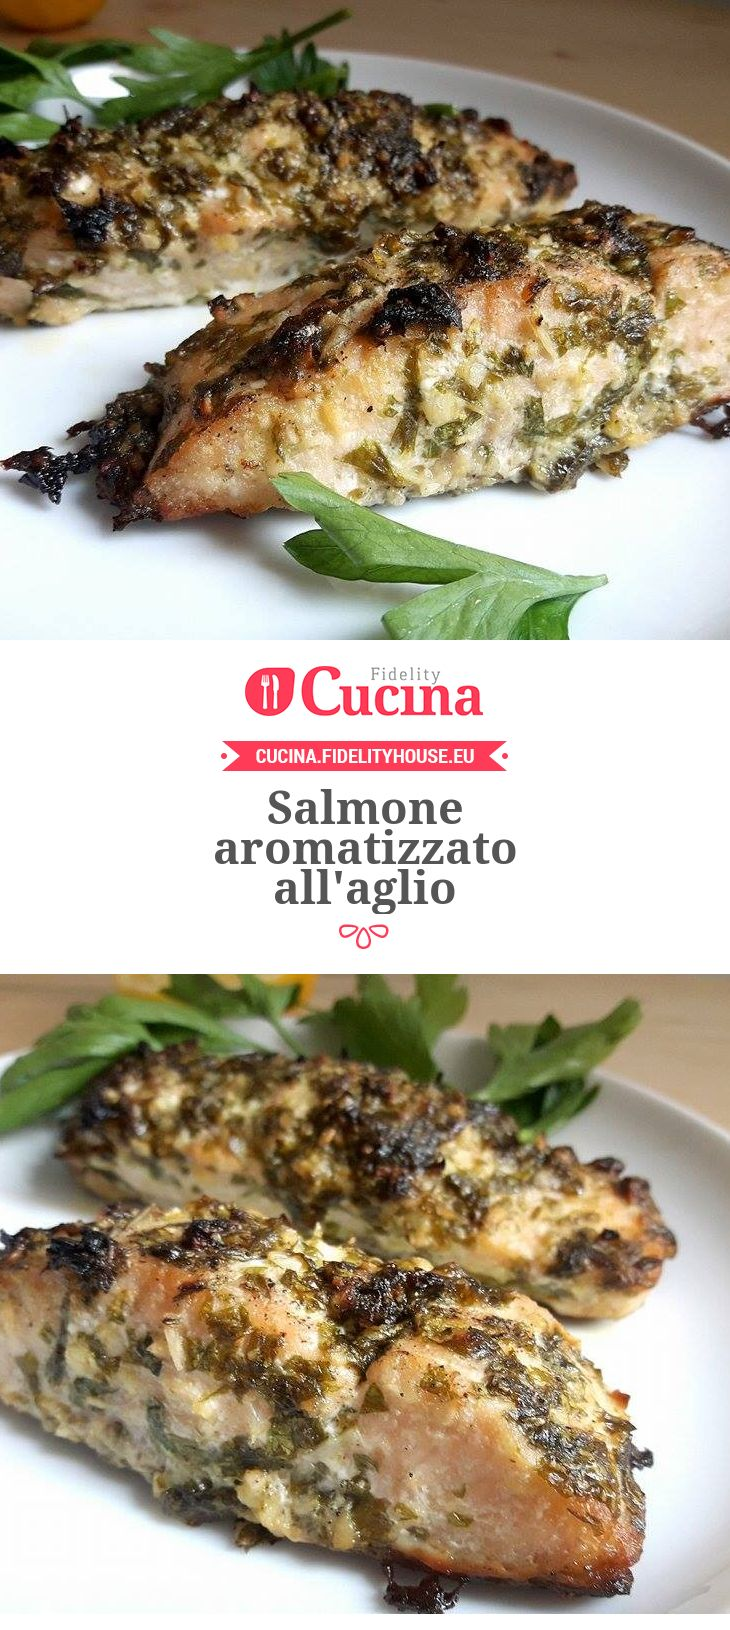 Salmone aromatizzato all'aglio